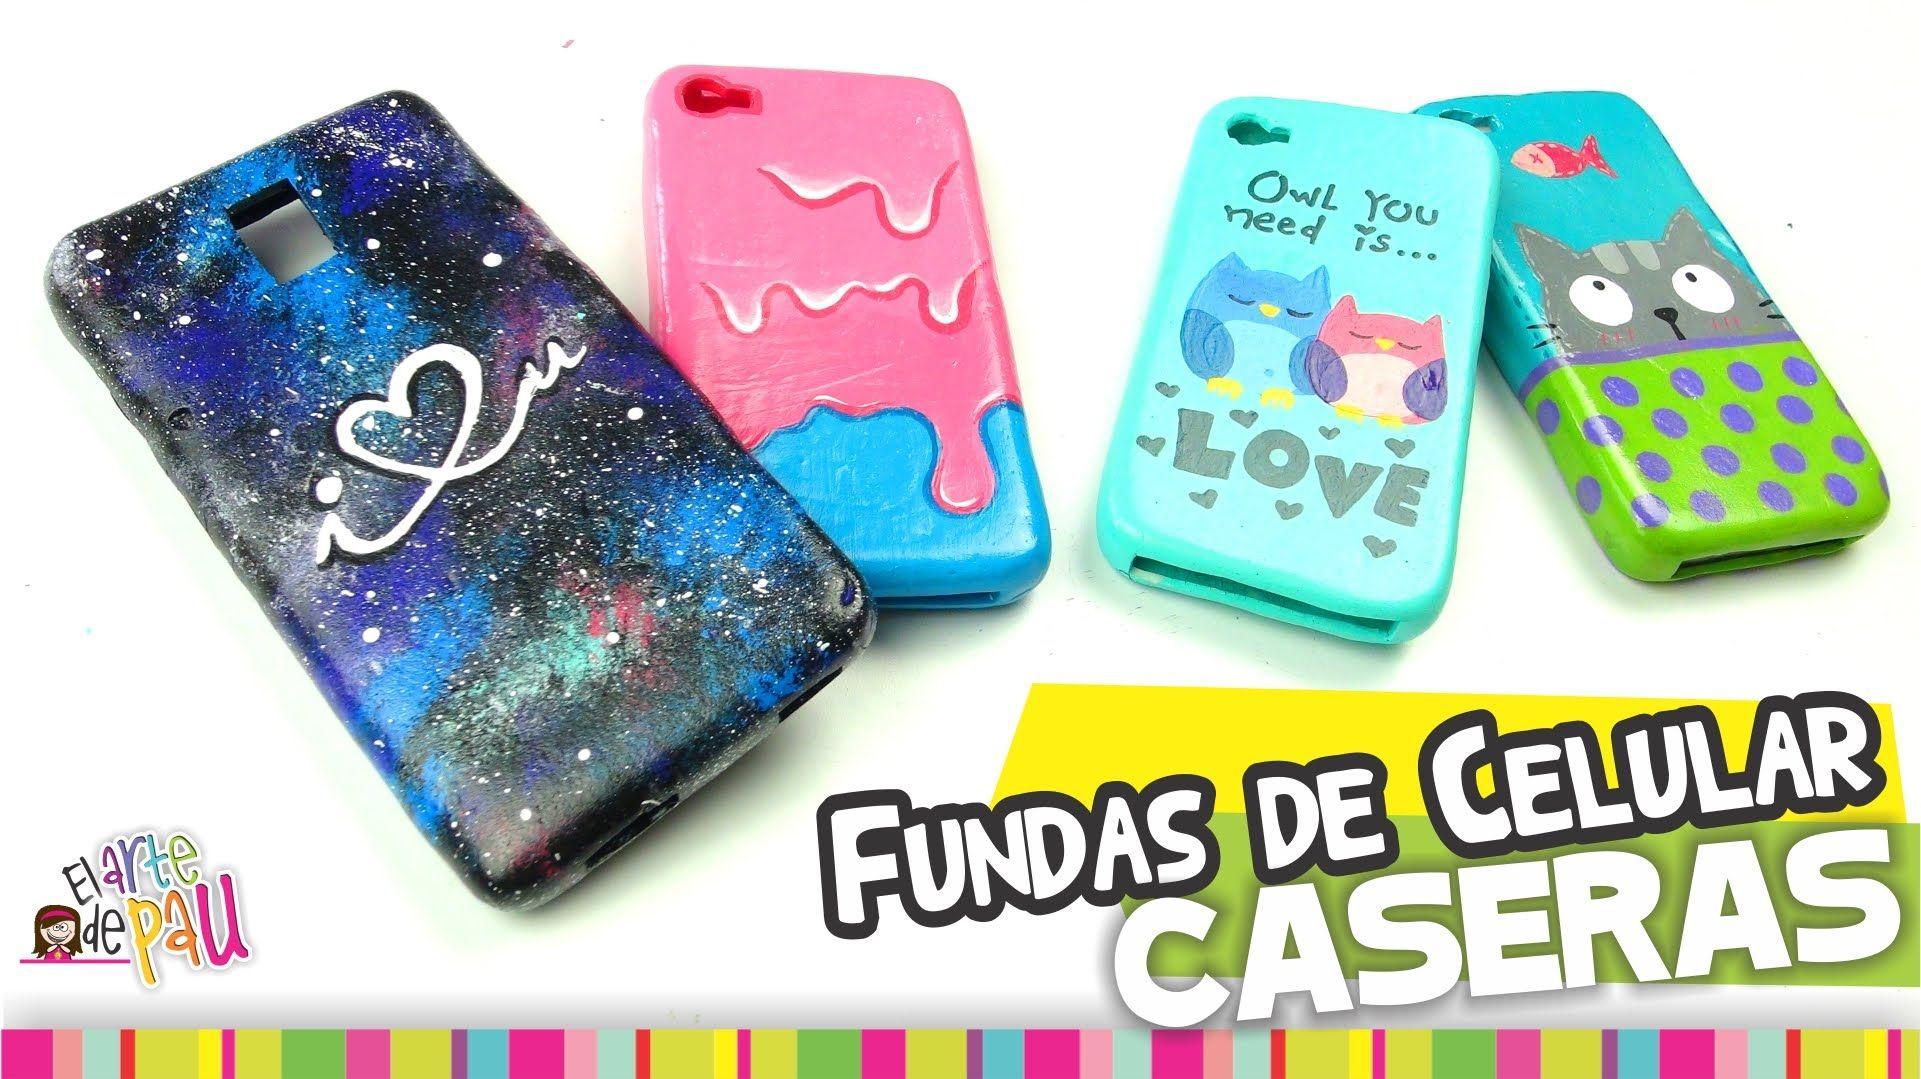 MEDIO✓ Fundas para Celular CASERAS / Homemade cellphone case | Fundas para  celular, Fundas, Manualidades para celular